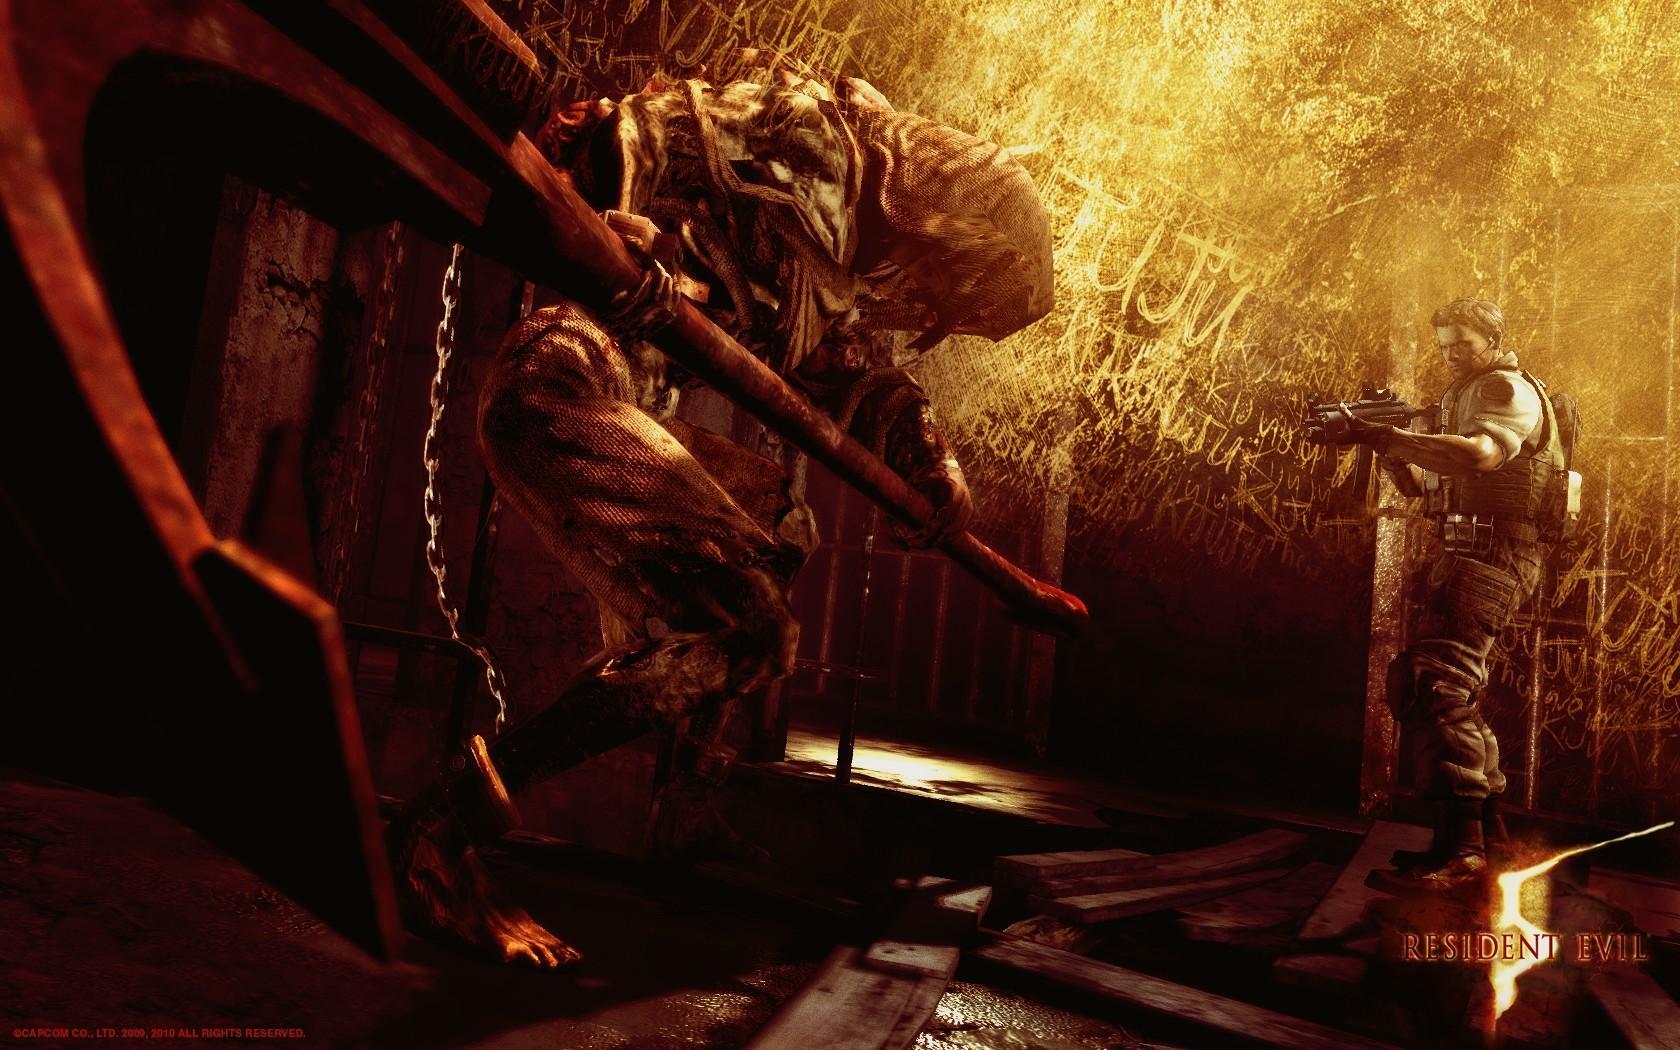 Resident Evil 5 Wallpapers Sf Wallpaper